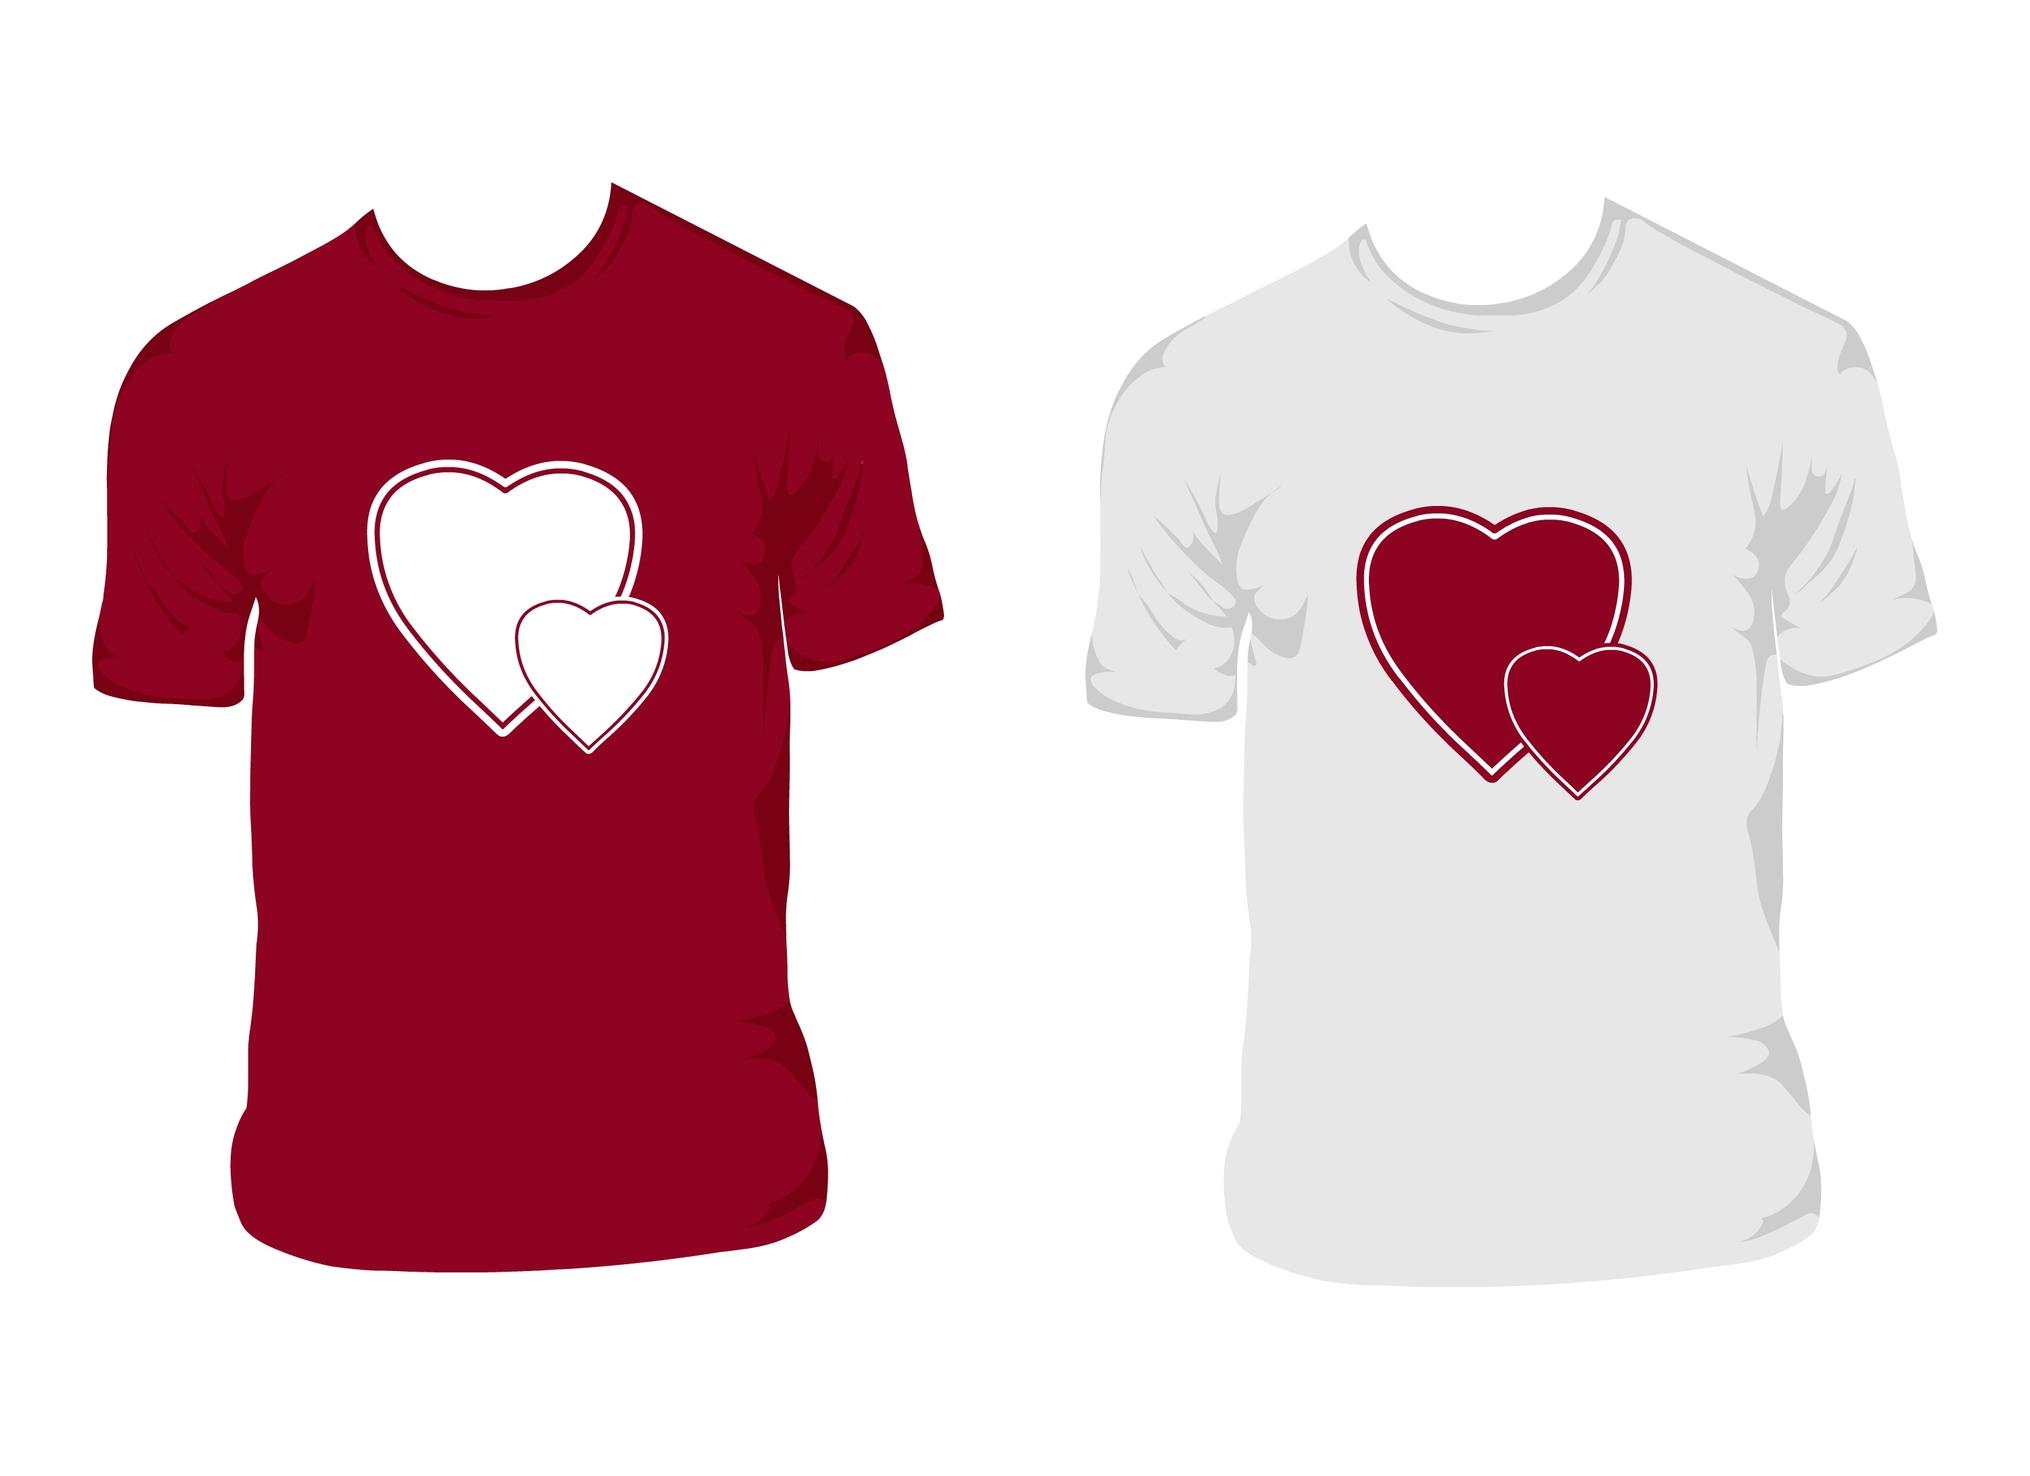 Rød og hvit t-shirt med hjerter på